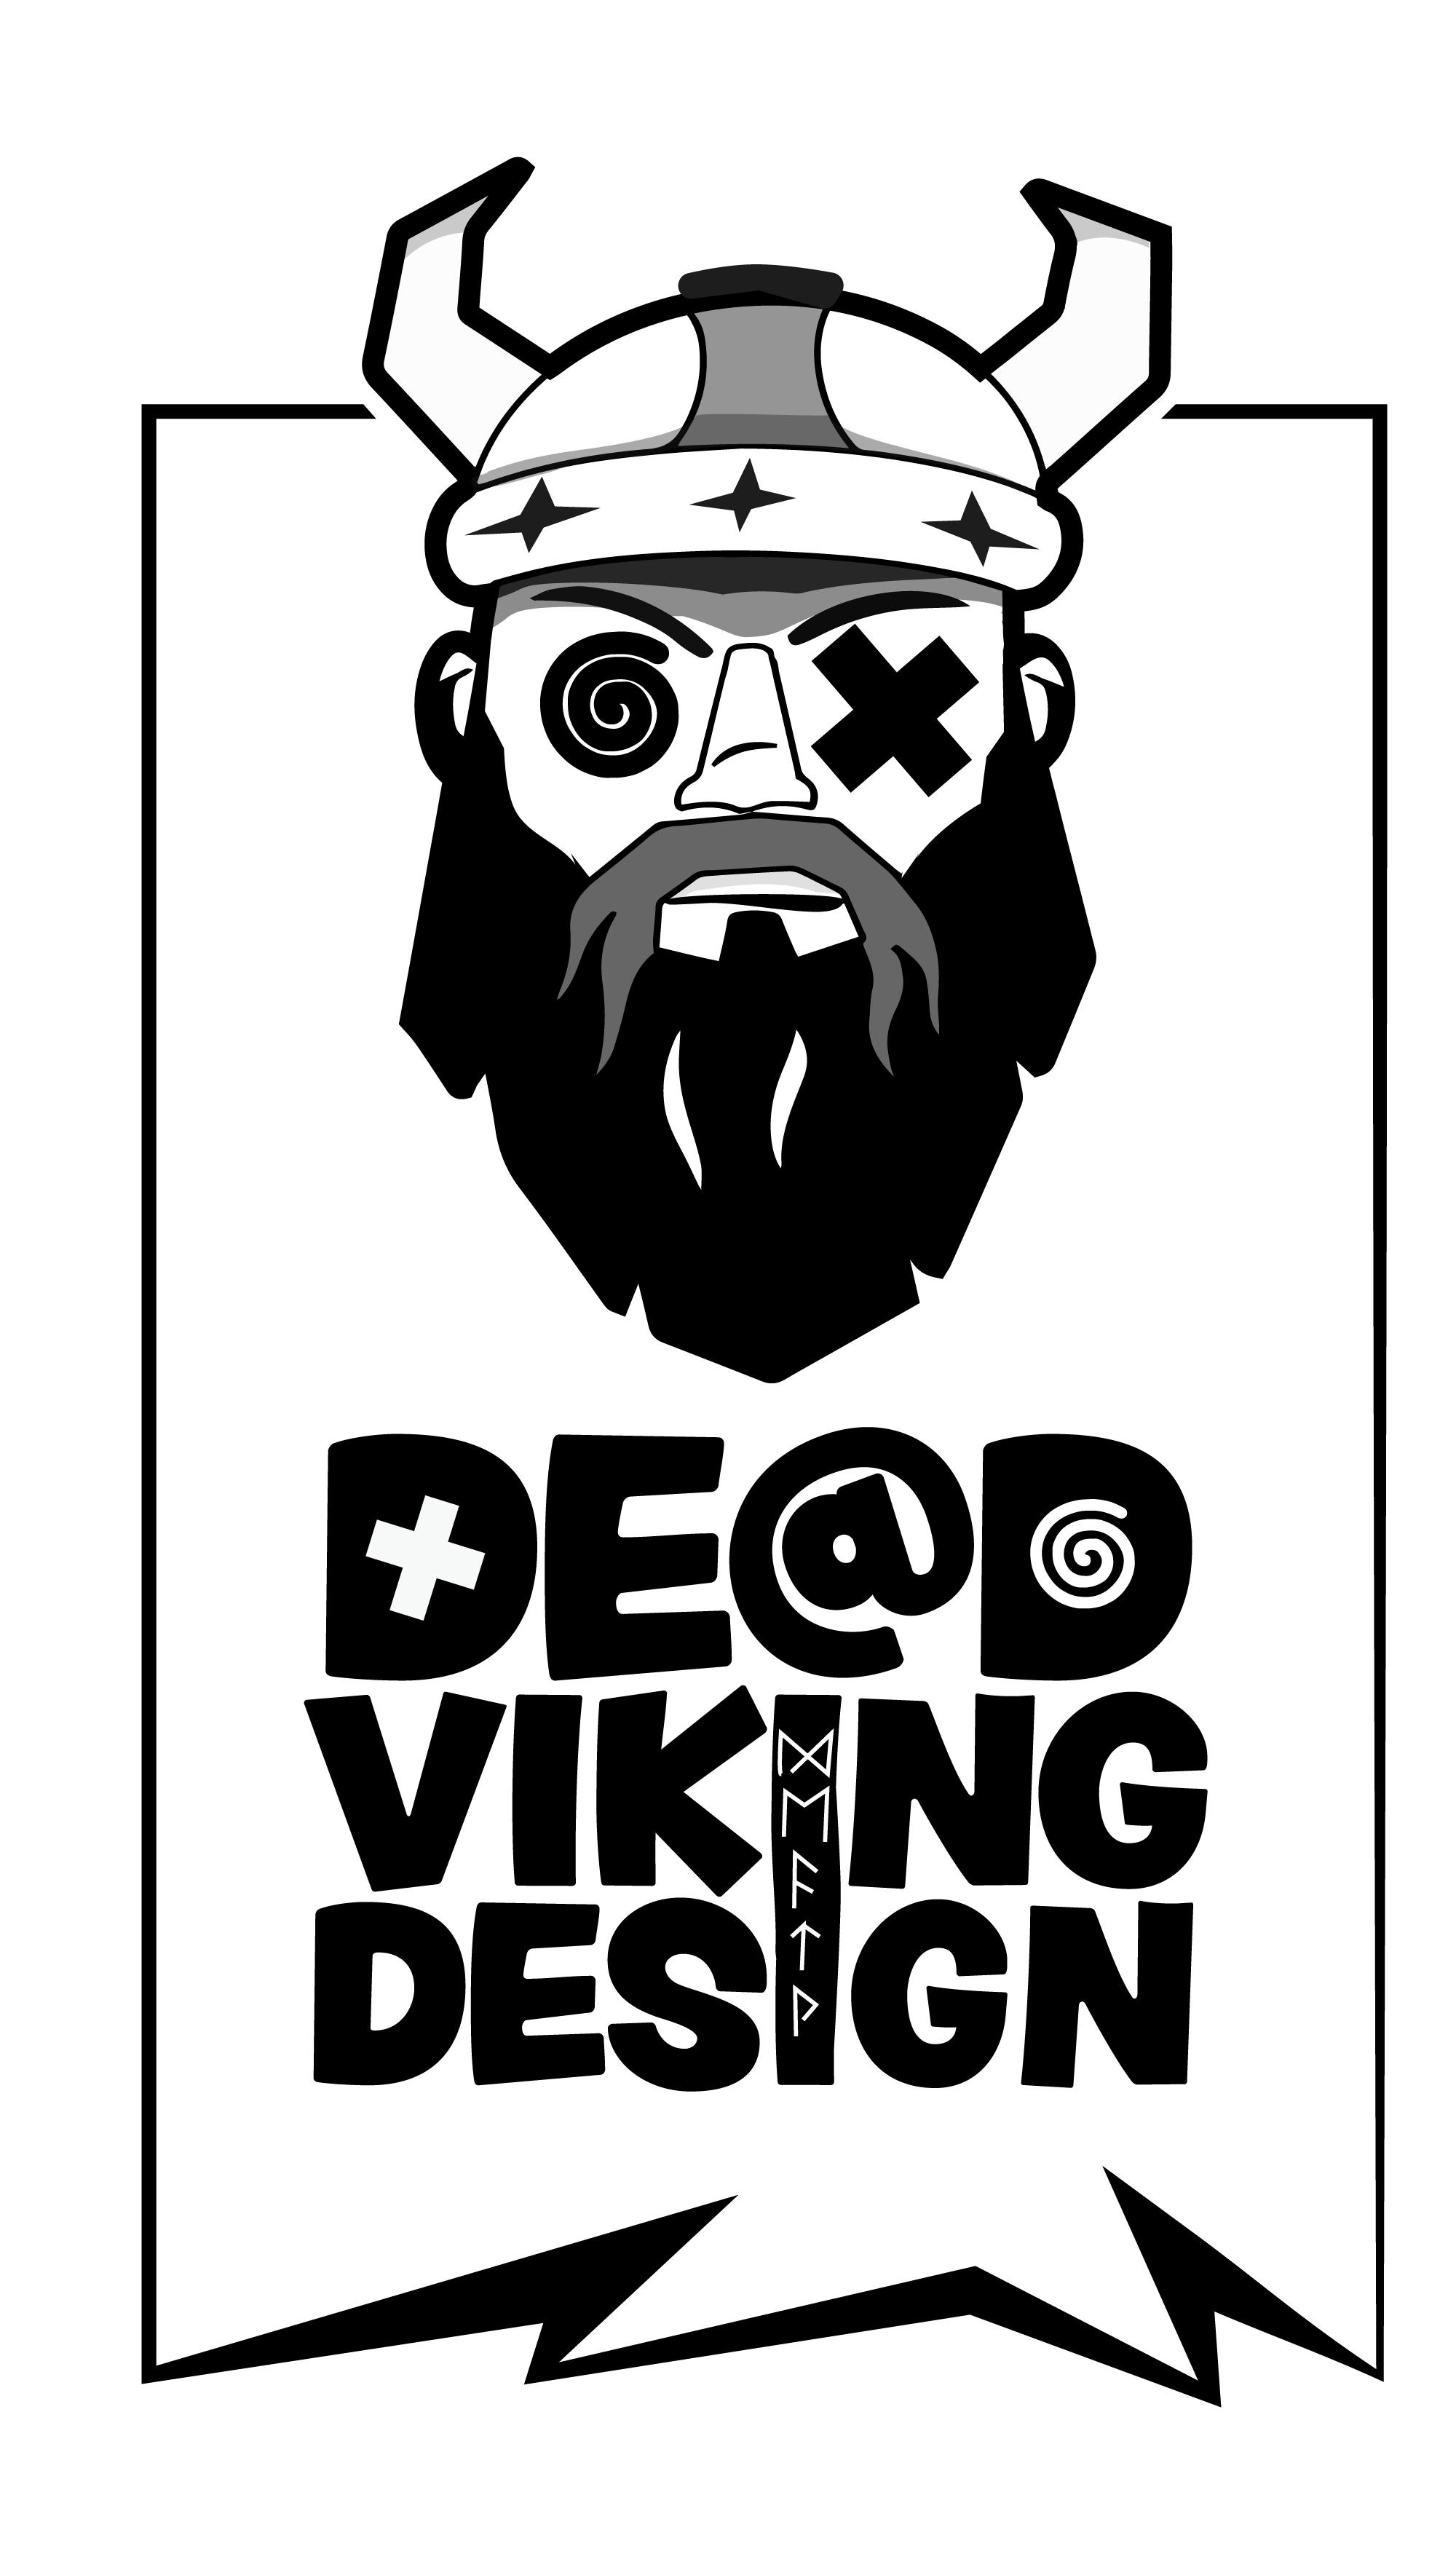 Viking logo design